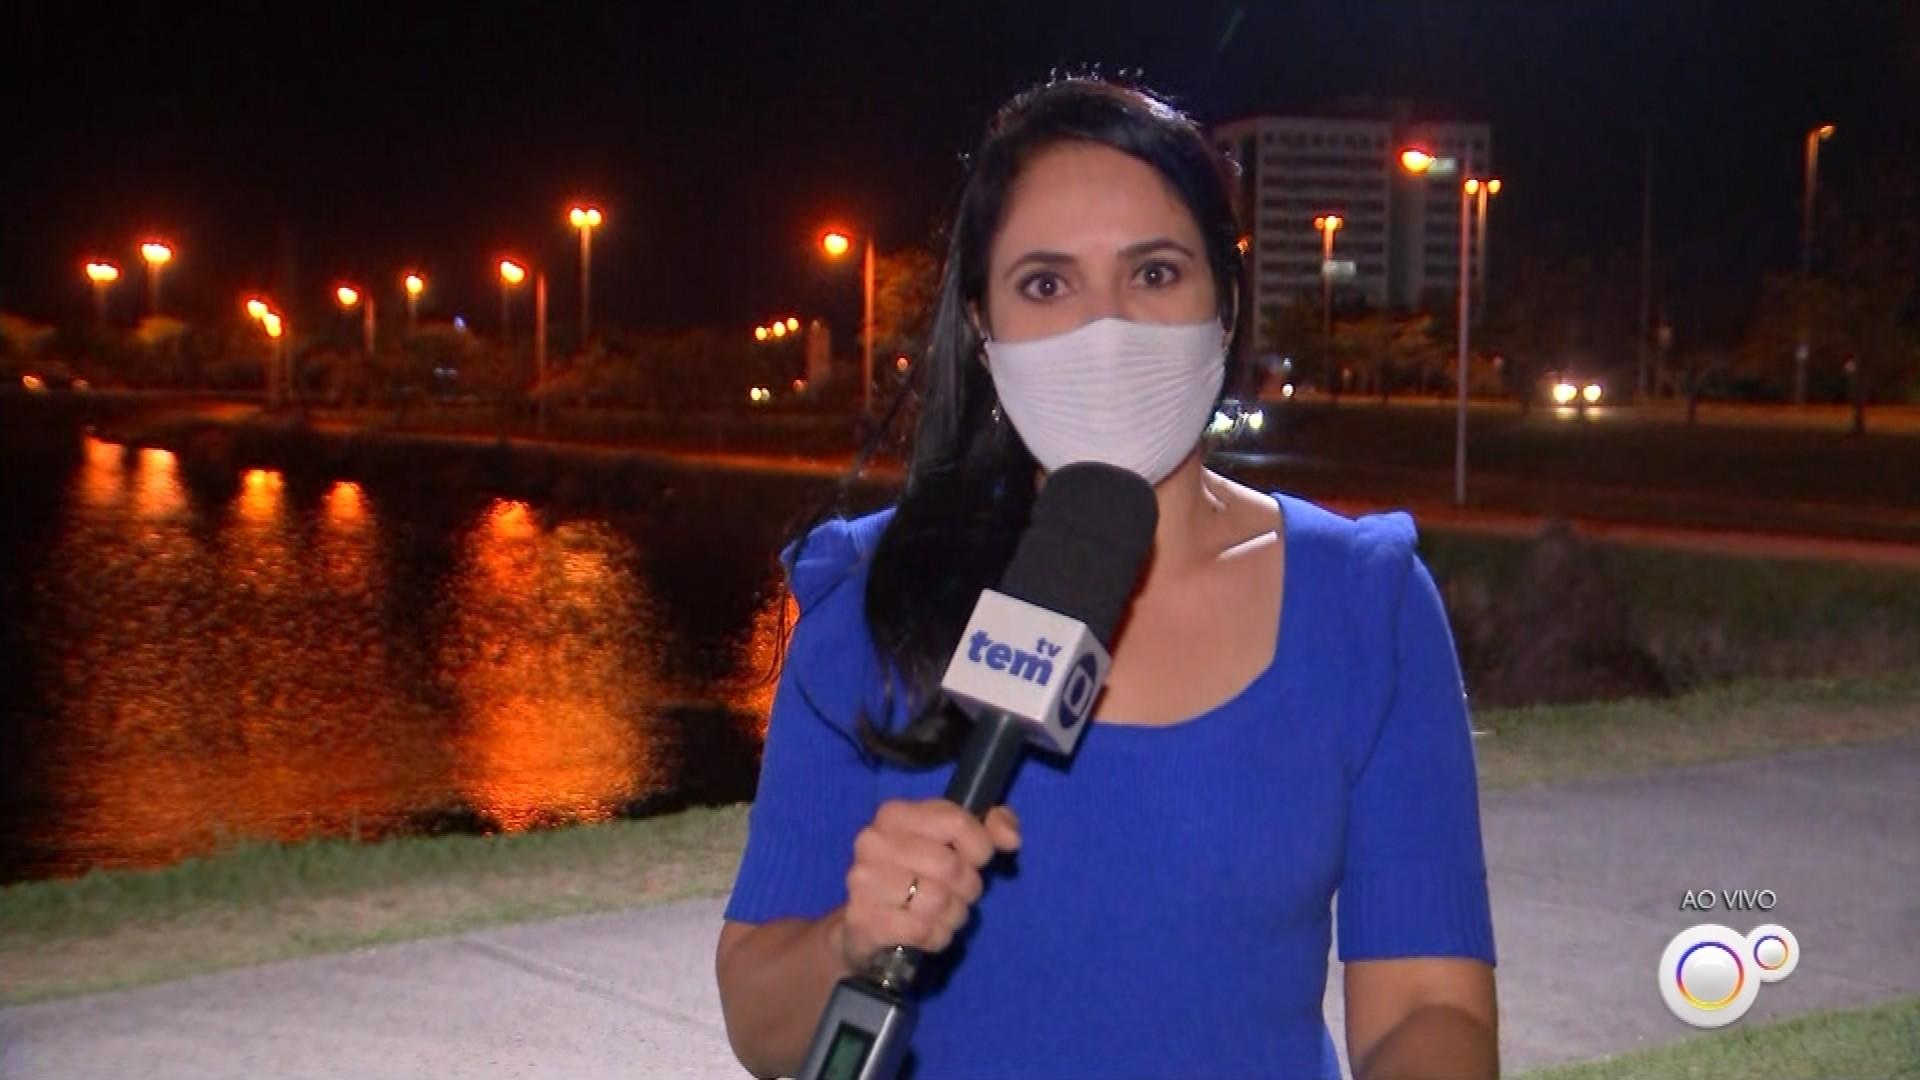 VÍDEOS: TEM Notícias 2ª edição de Sorocaba e Jundiaí desta quinta-feira, 22 de outubro